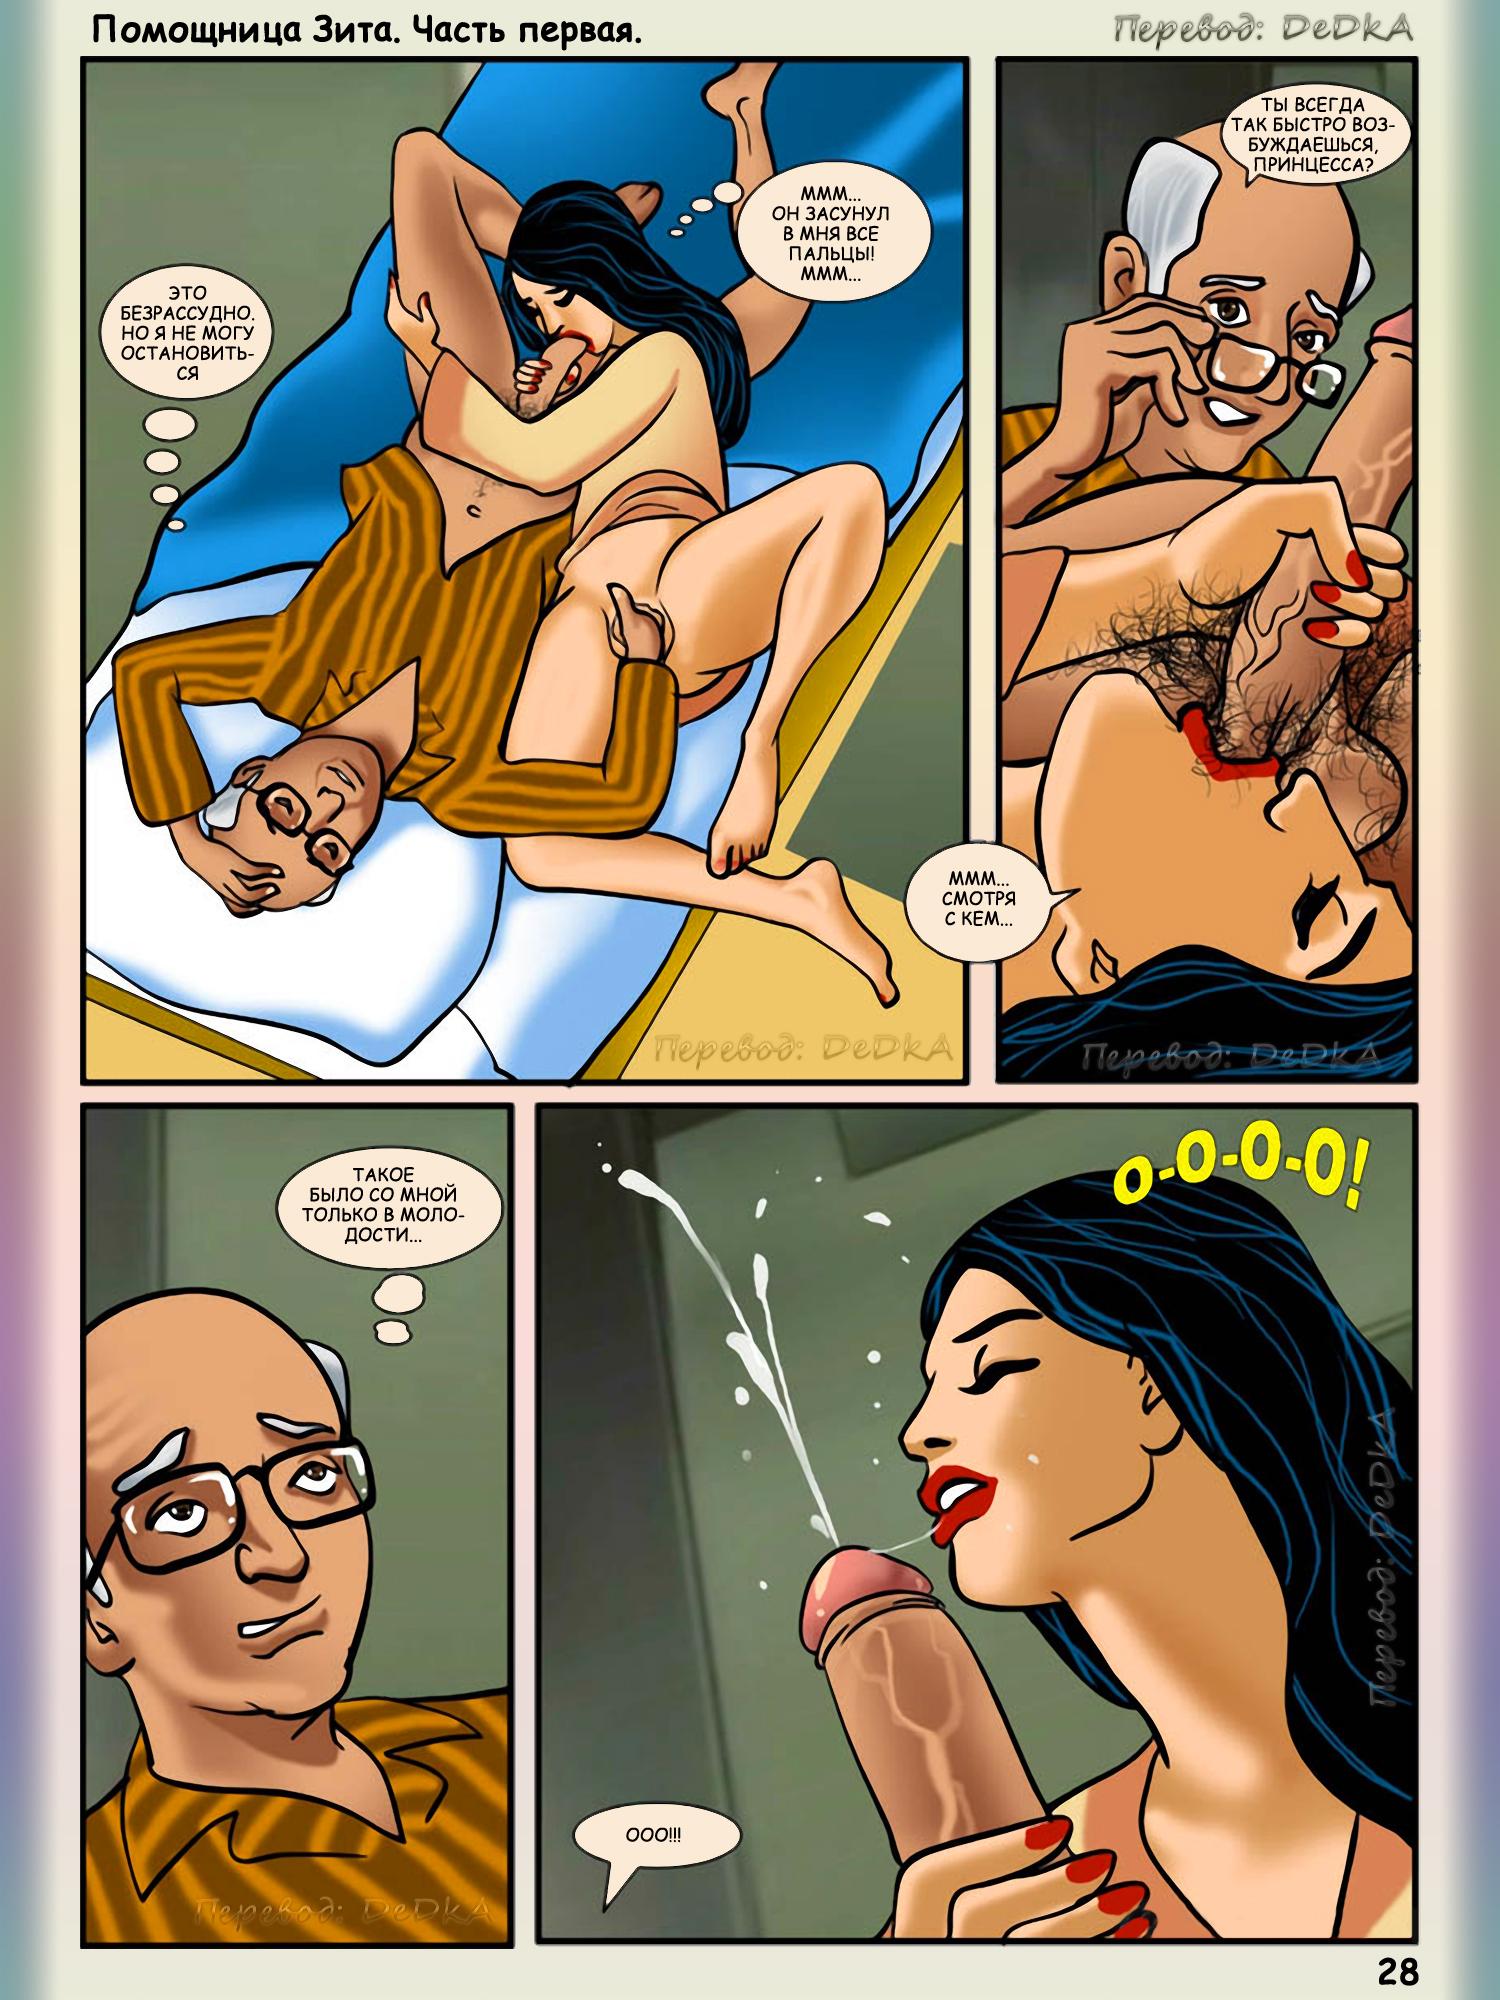 Порно старых с молодыми - perdos.pro